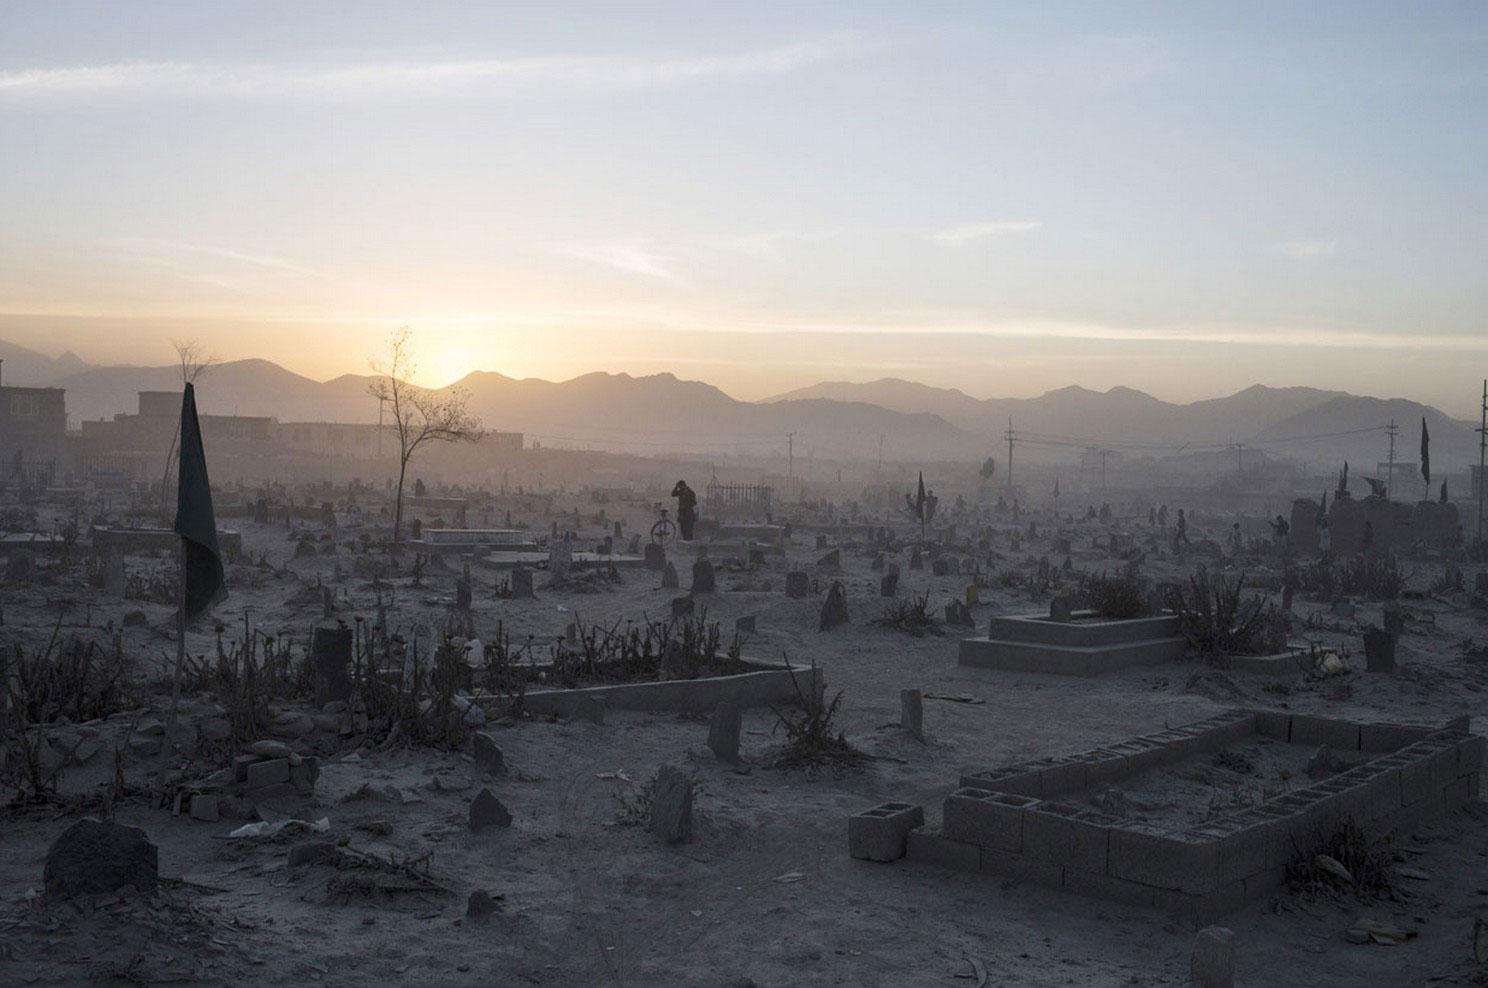 на кладбище в Кабуле, фото